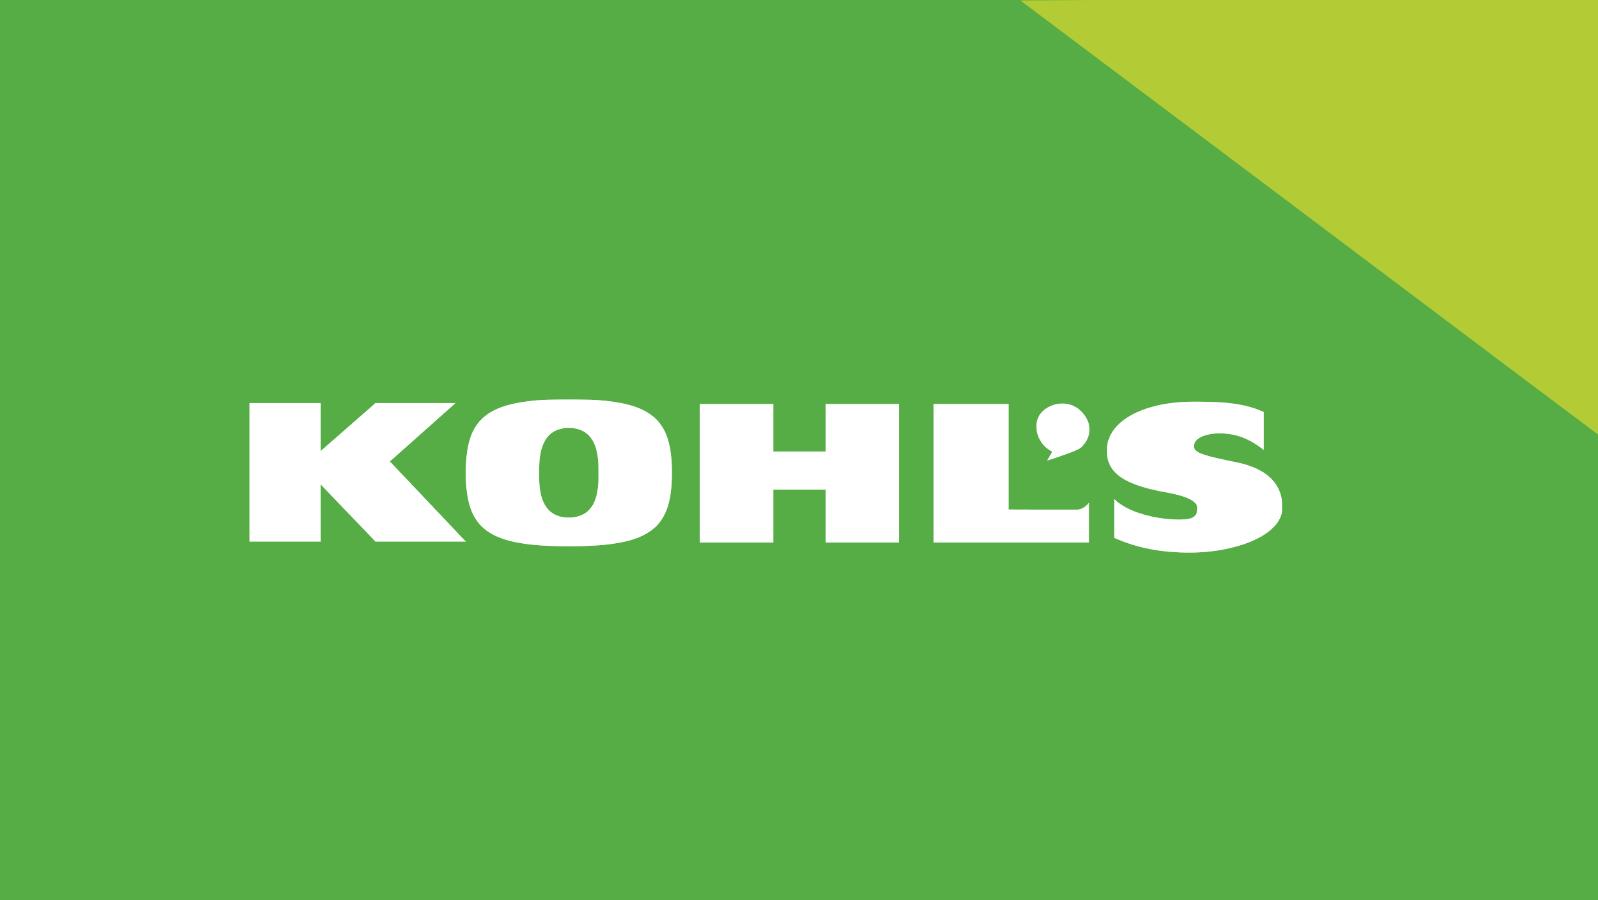 Kohls Hurricane Response Efforts